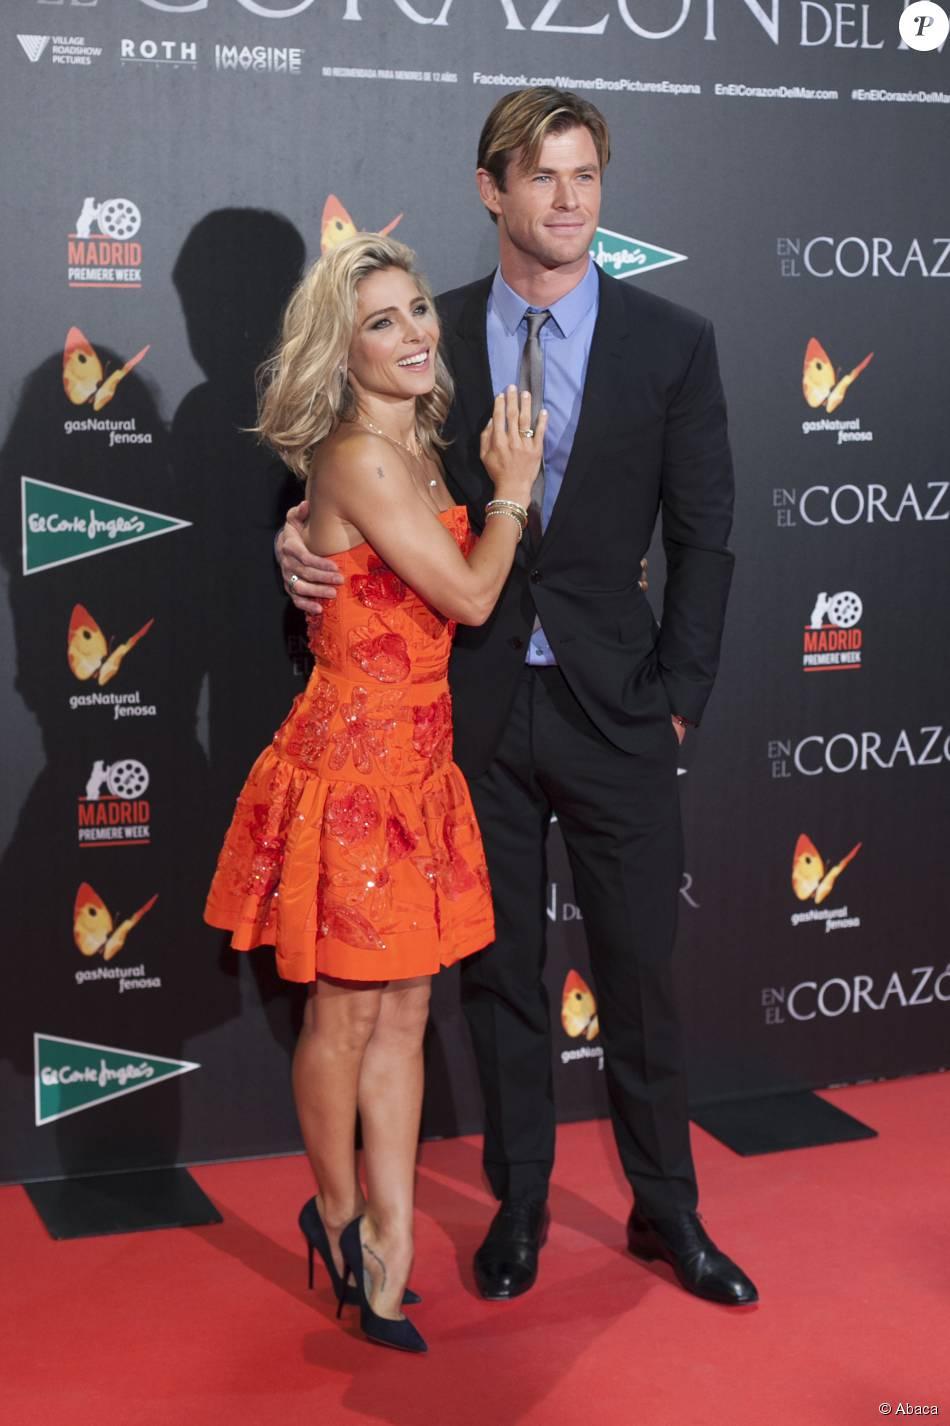 Chris Hemsworth et sa femme Elsa Pataky - Avant-première du film Au coeur de l'océan à Madrid le 3 décembre 2015